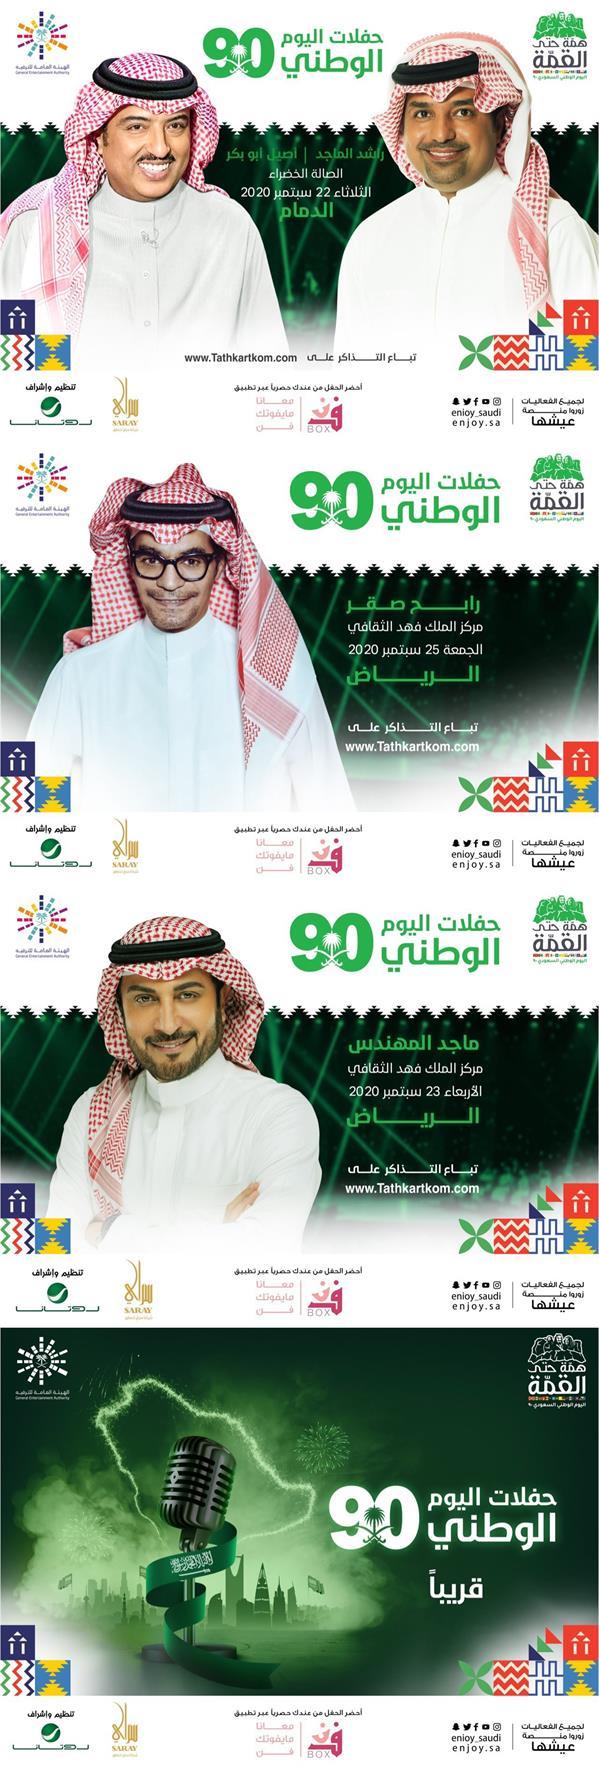 """""""الترفيه"""" تكشف عن برنامج حفلات اليوم الوطني في الرياض والدمام"""